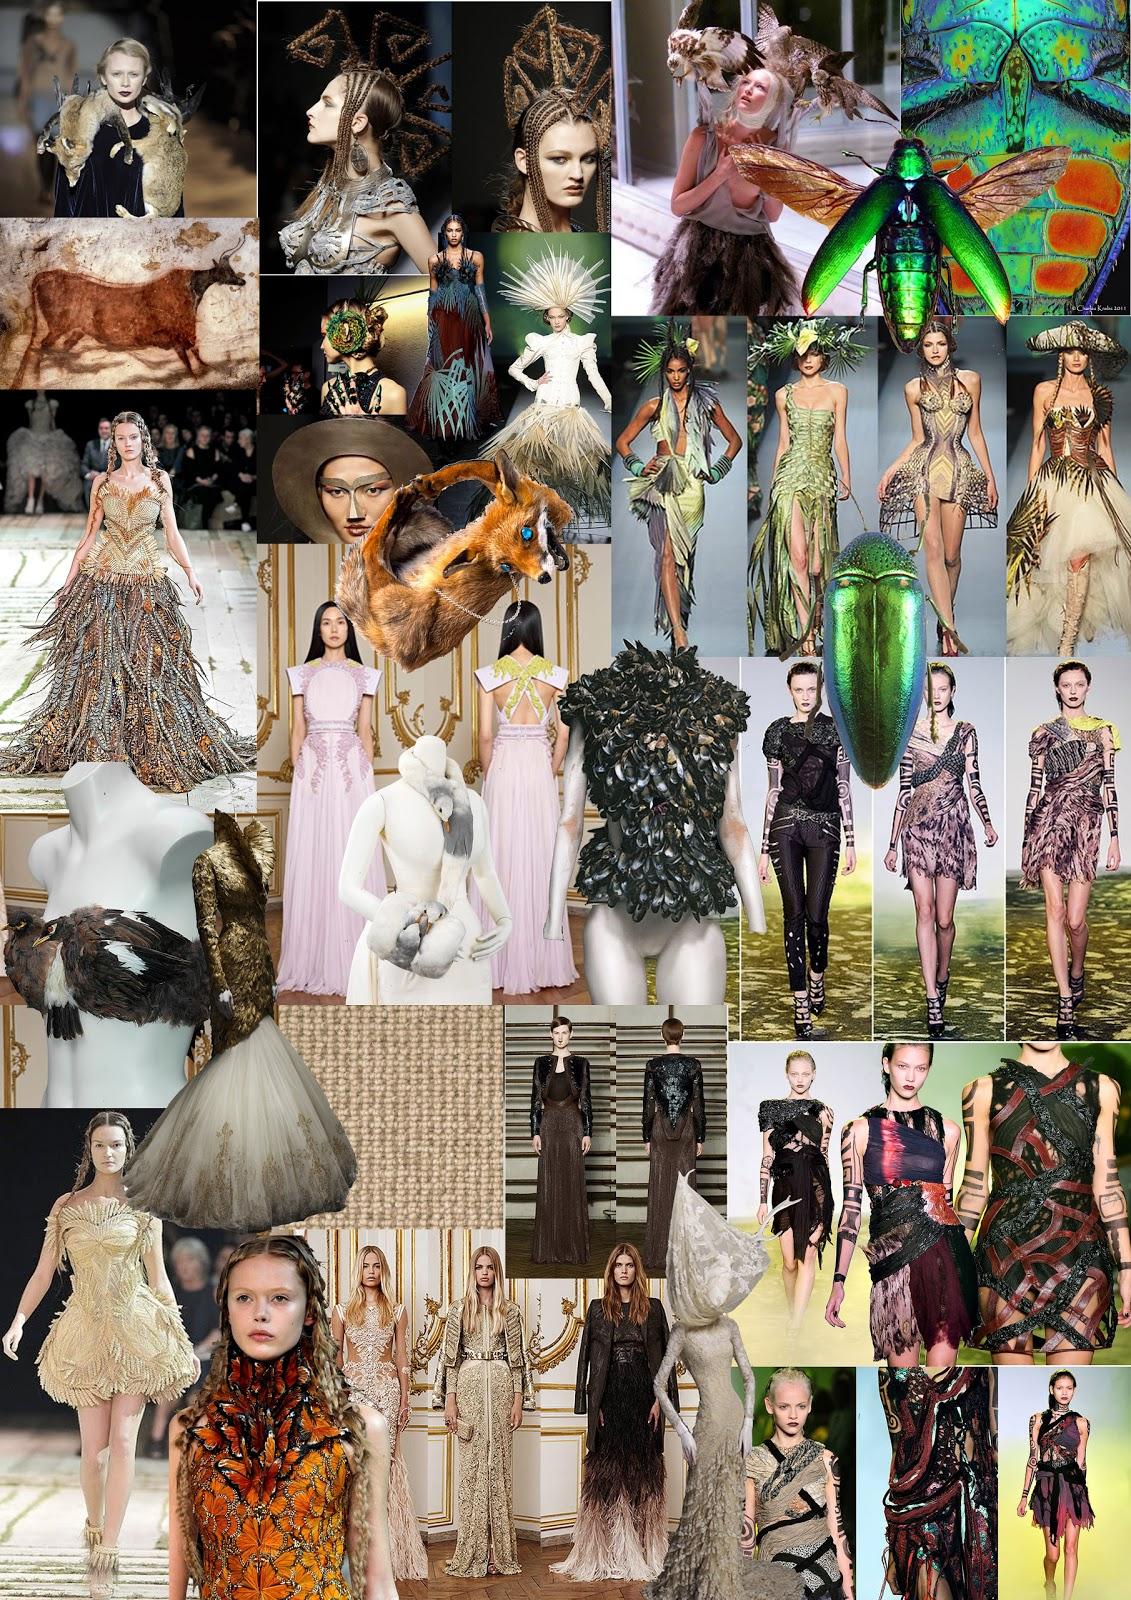 Fashion Illustration Stone Age Style